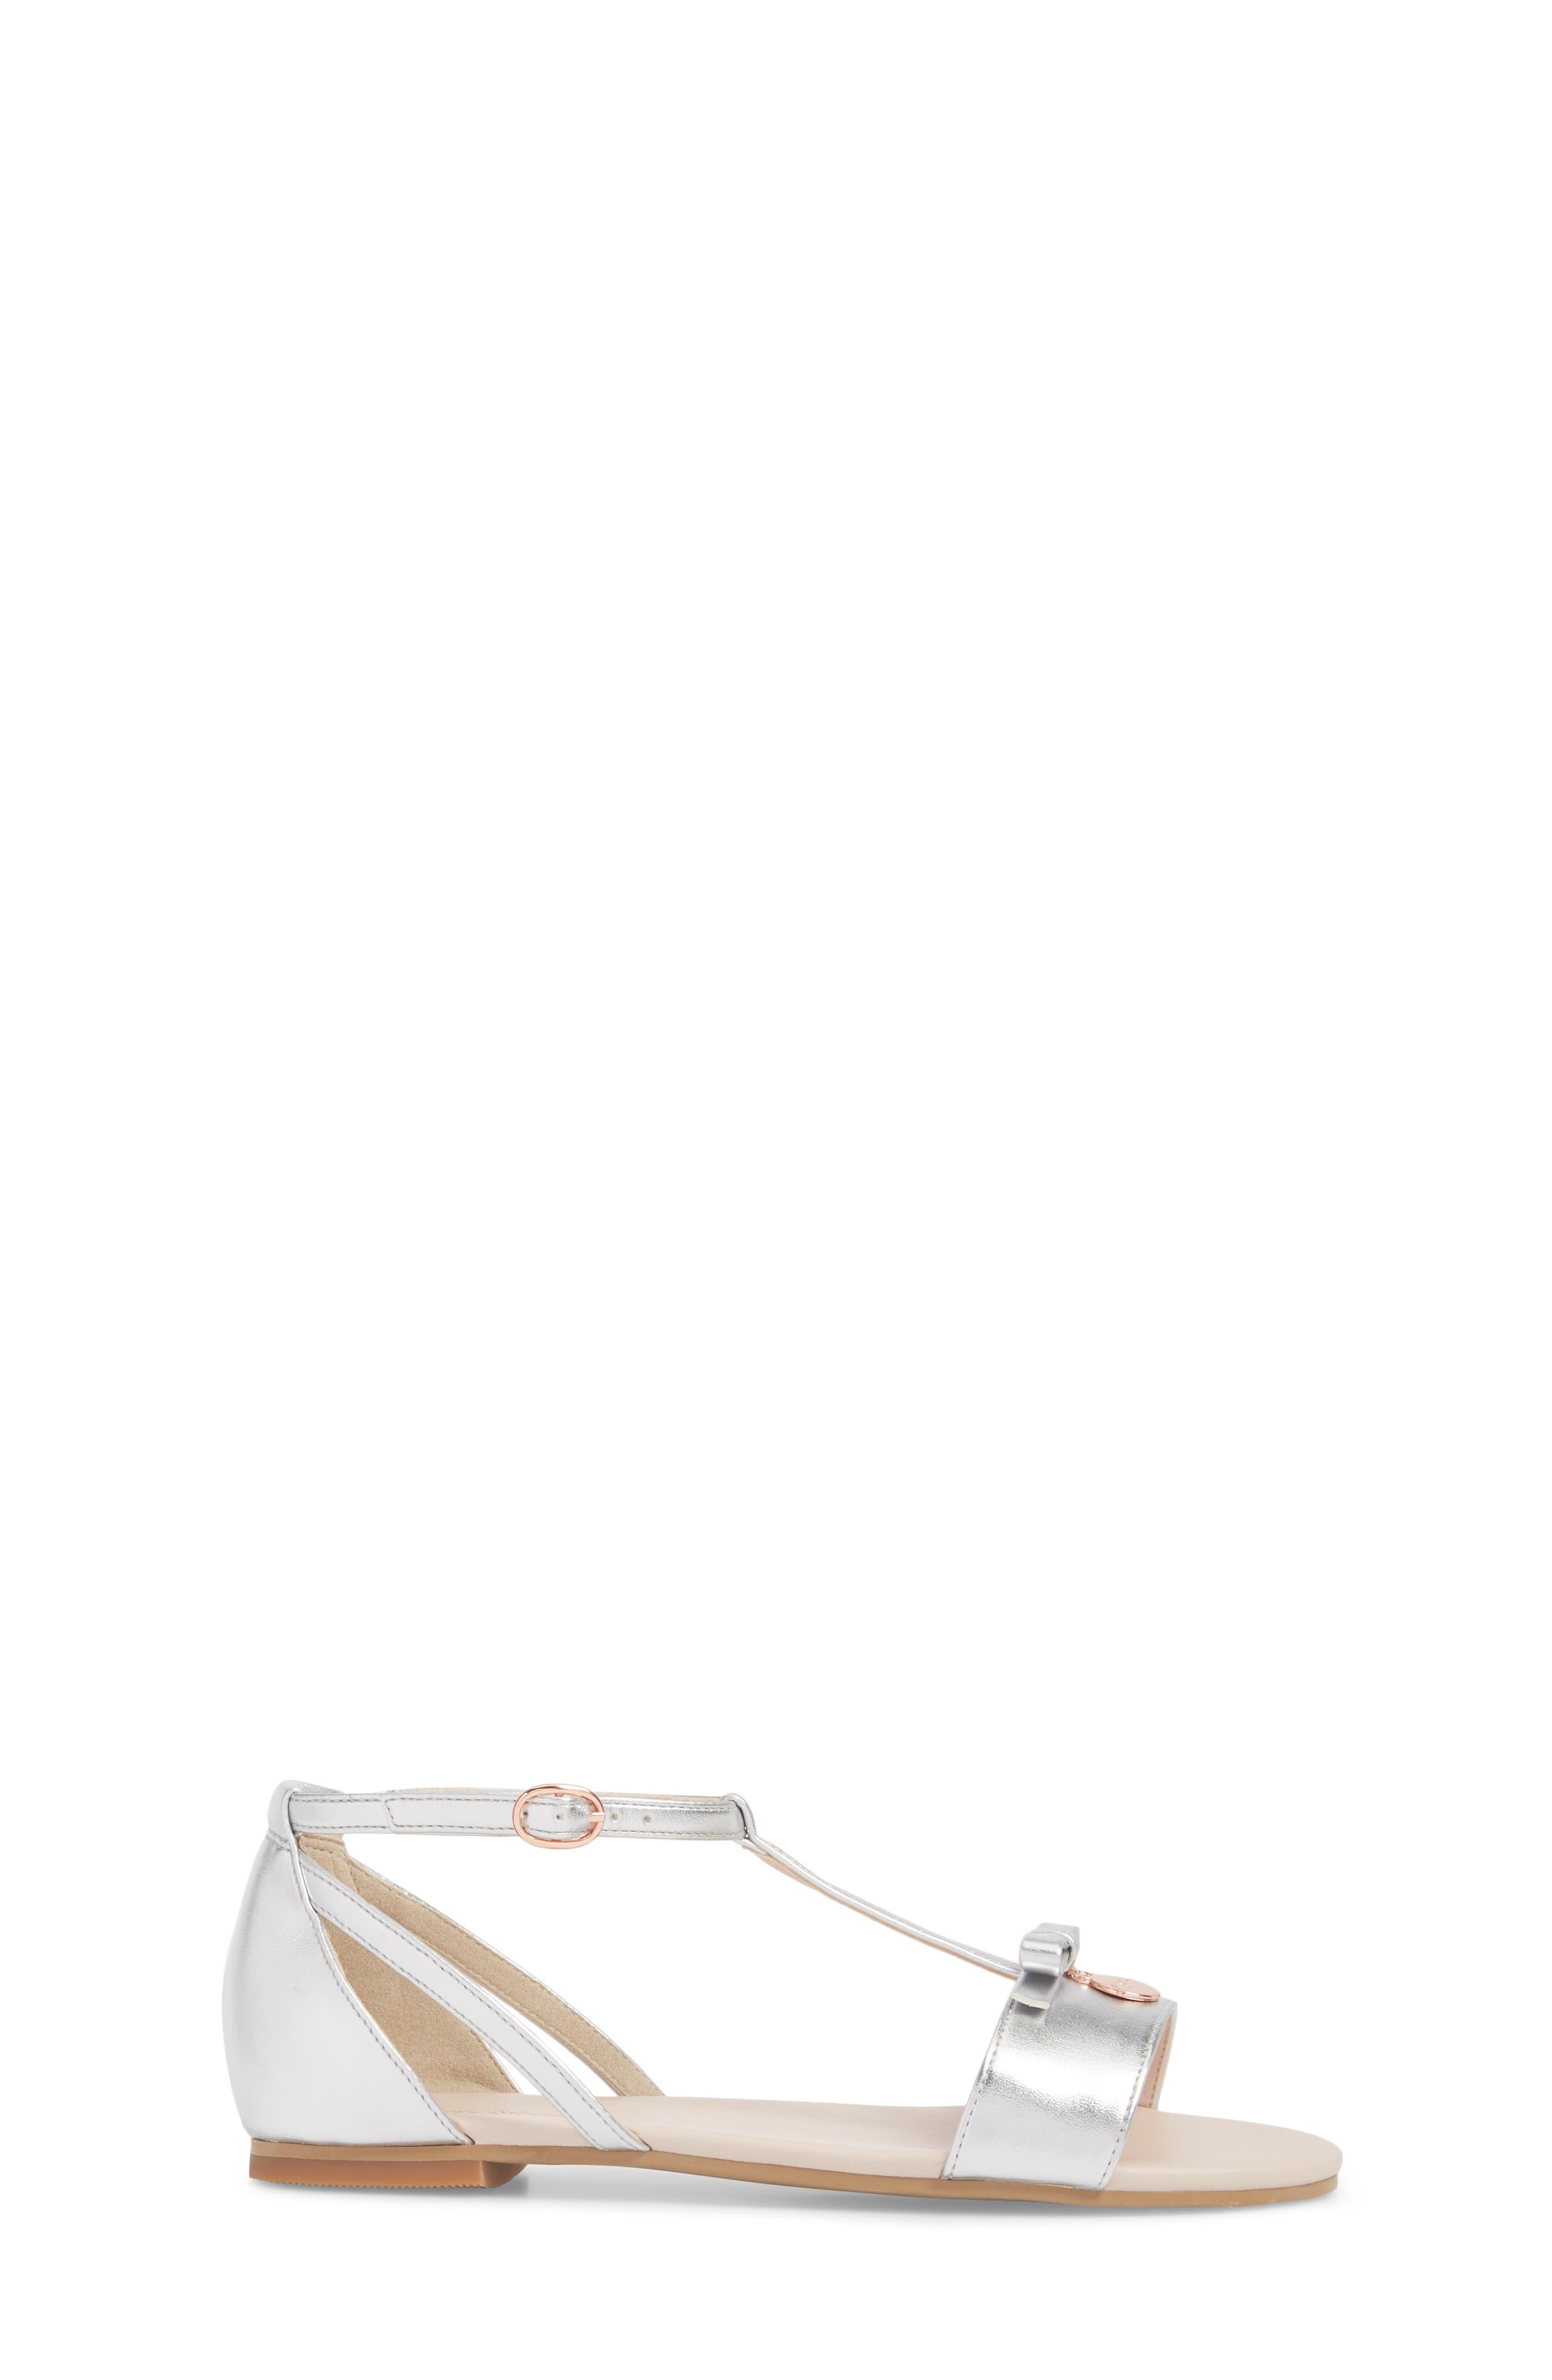 Valentina Metallic T-Strap Sandal,                             Alternate thumbnail 3, color,                             040